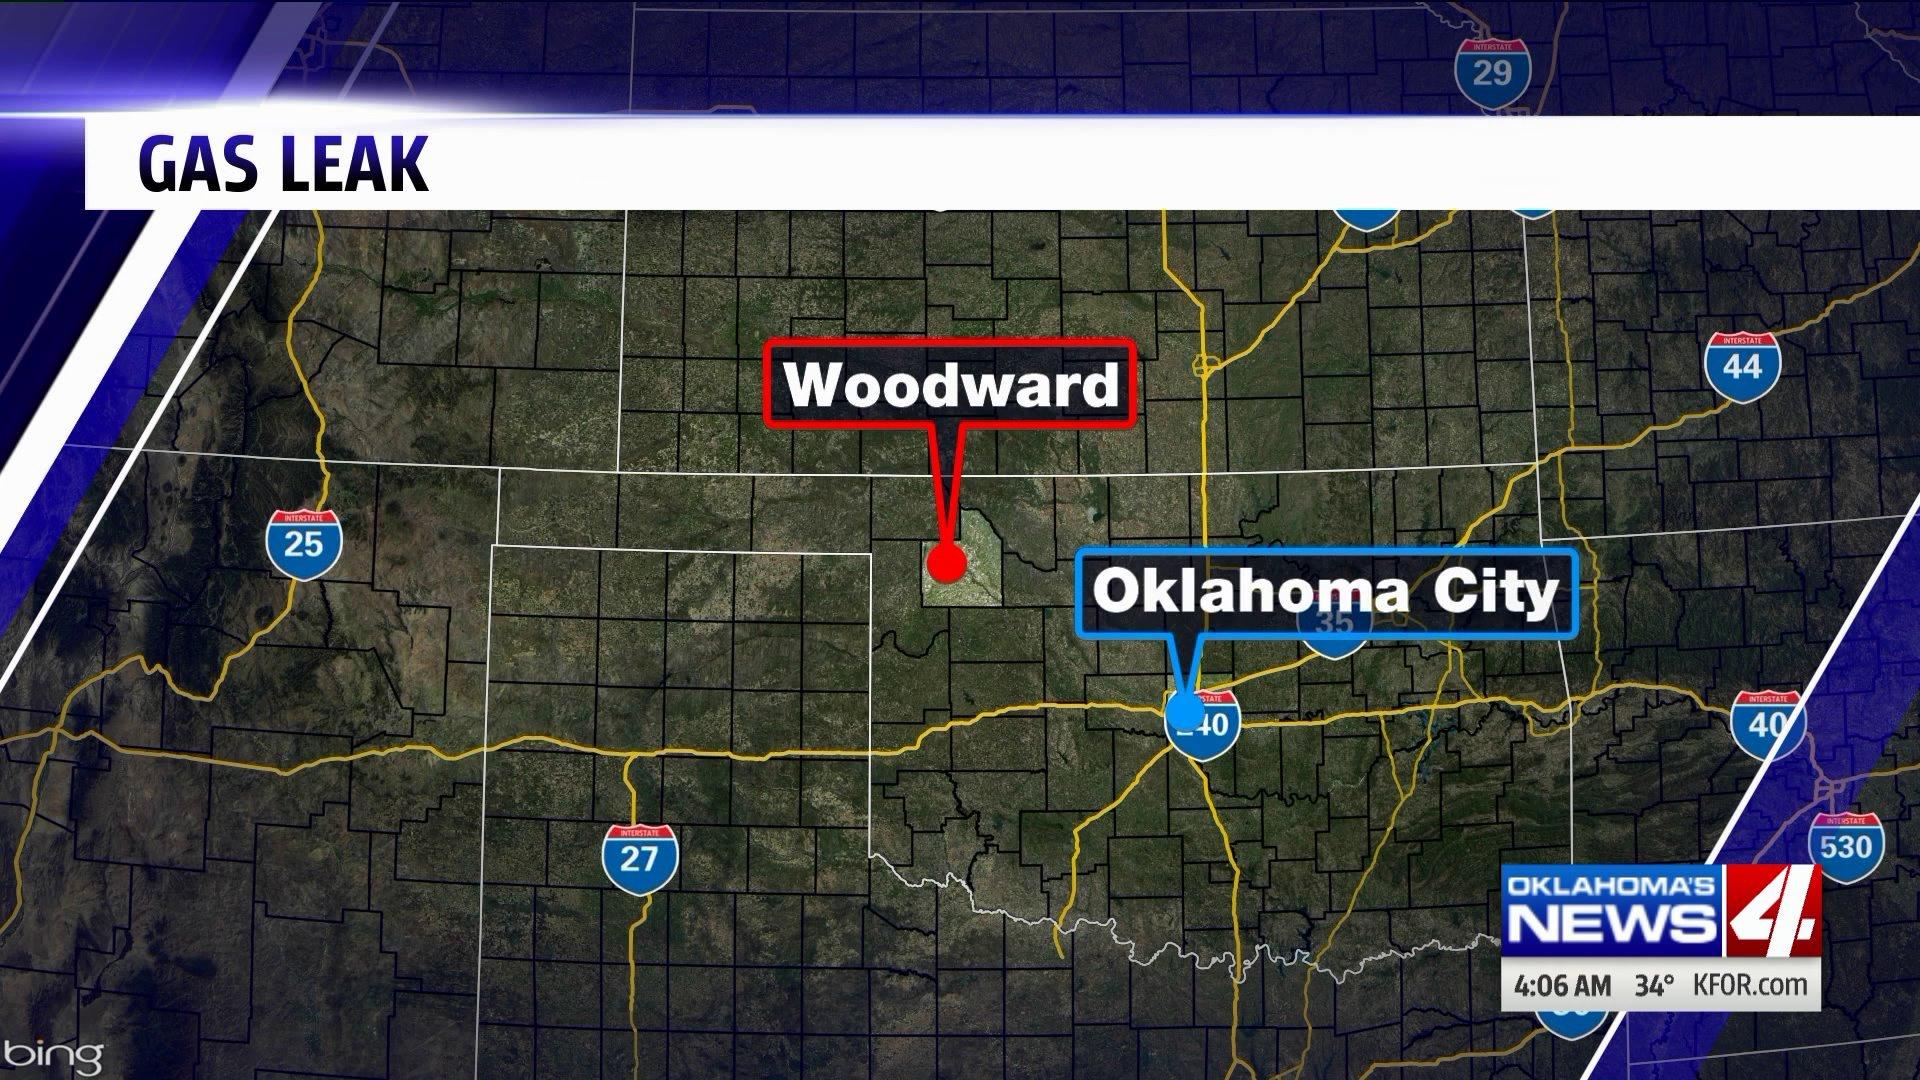 Gas leak in Woodward